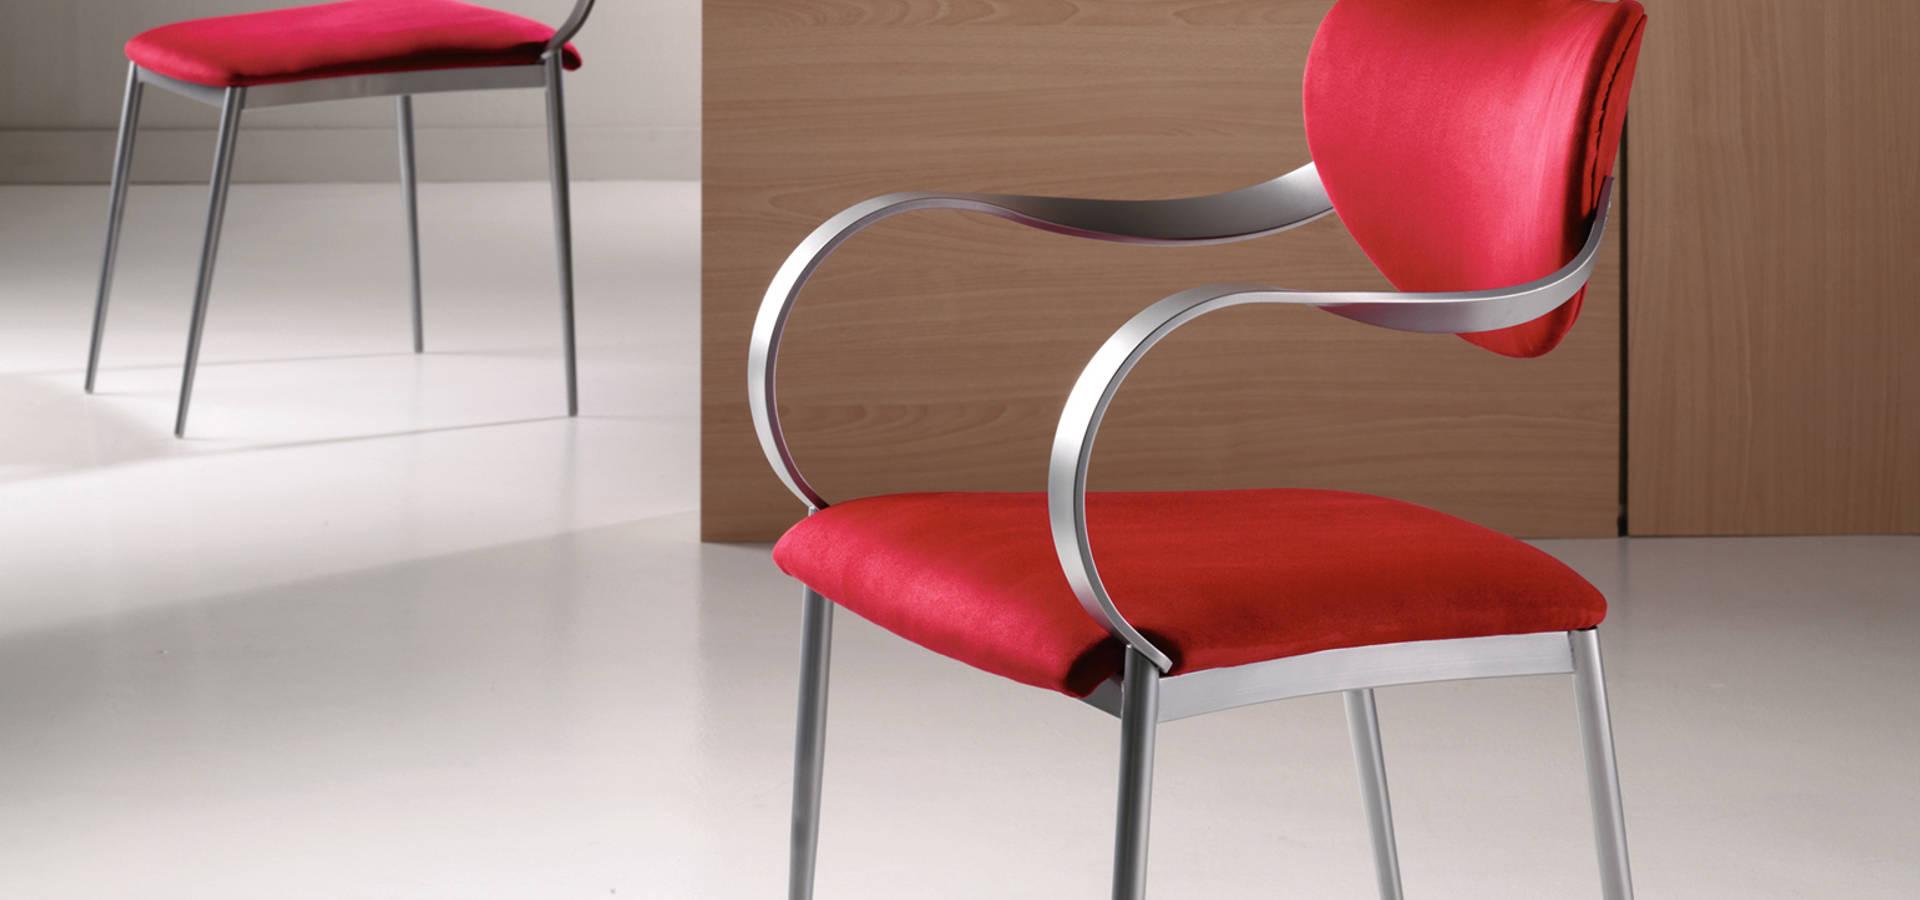 Indual mobiliario s l u muebles y accesorios en - Indual mobiliario ...